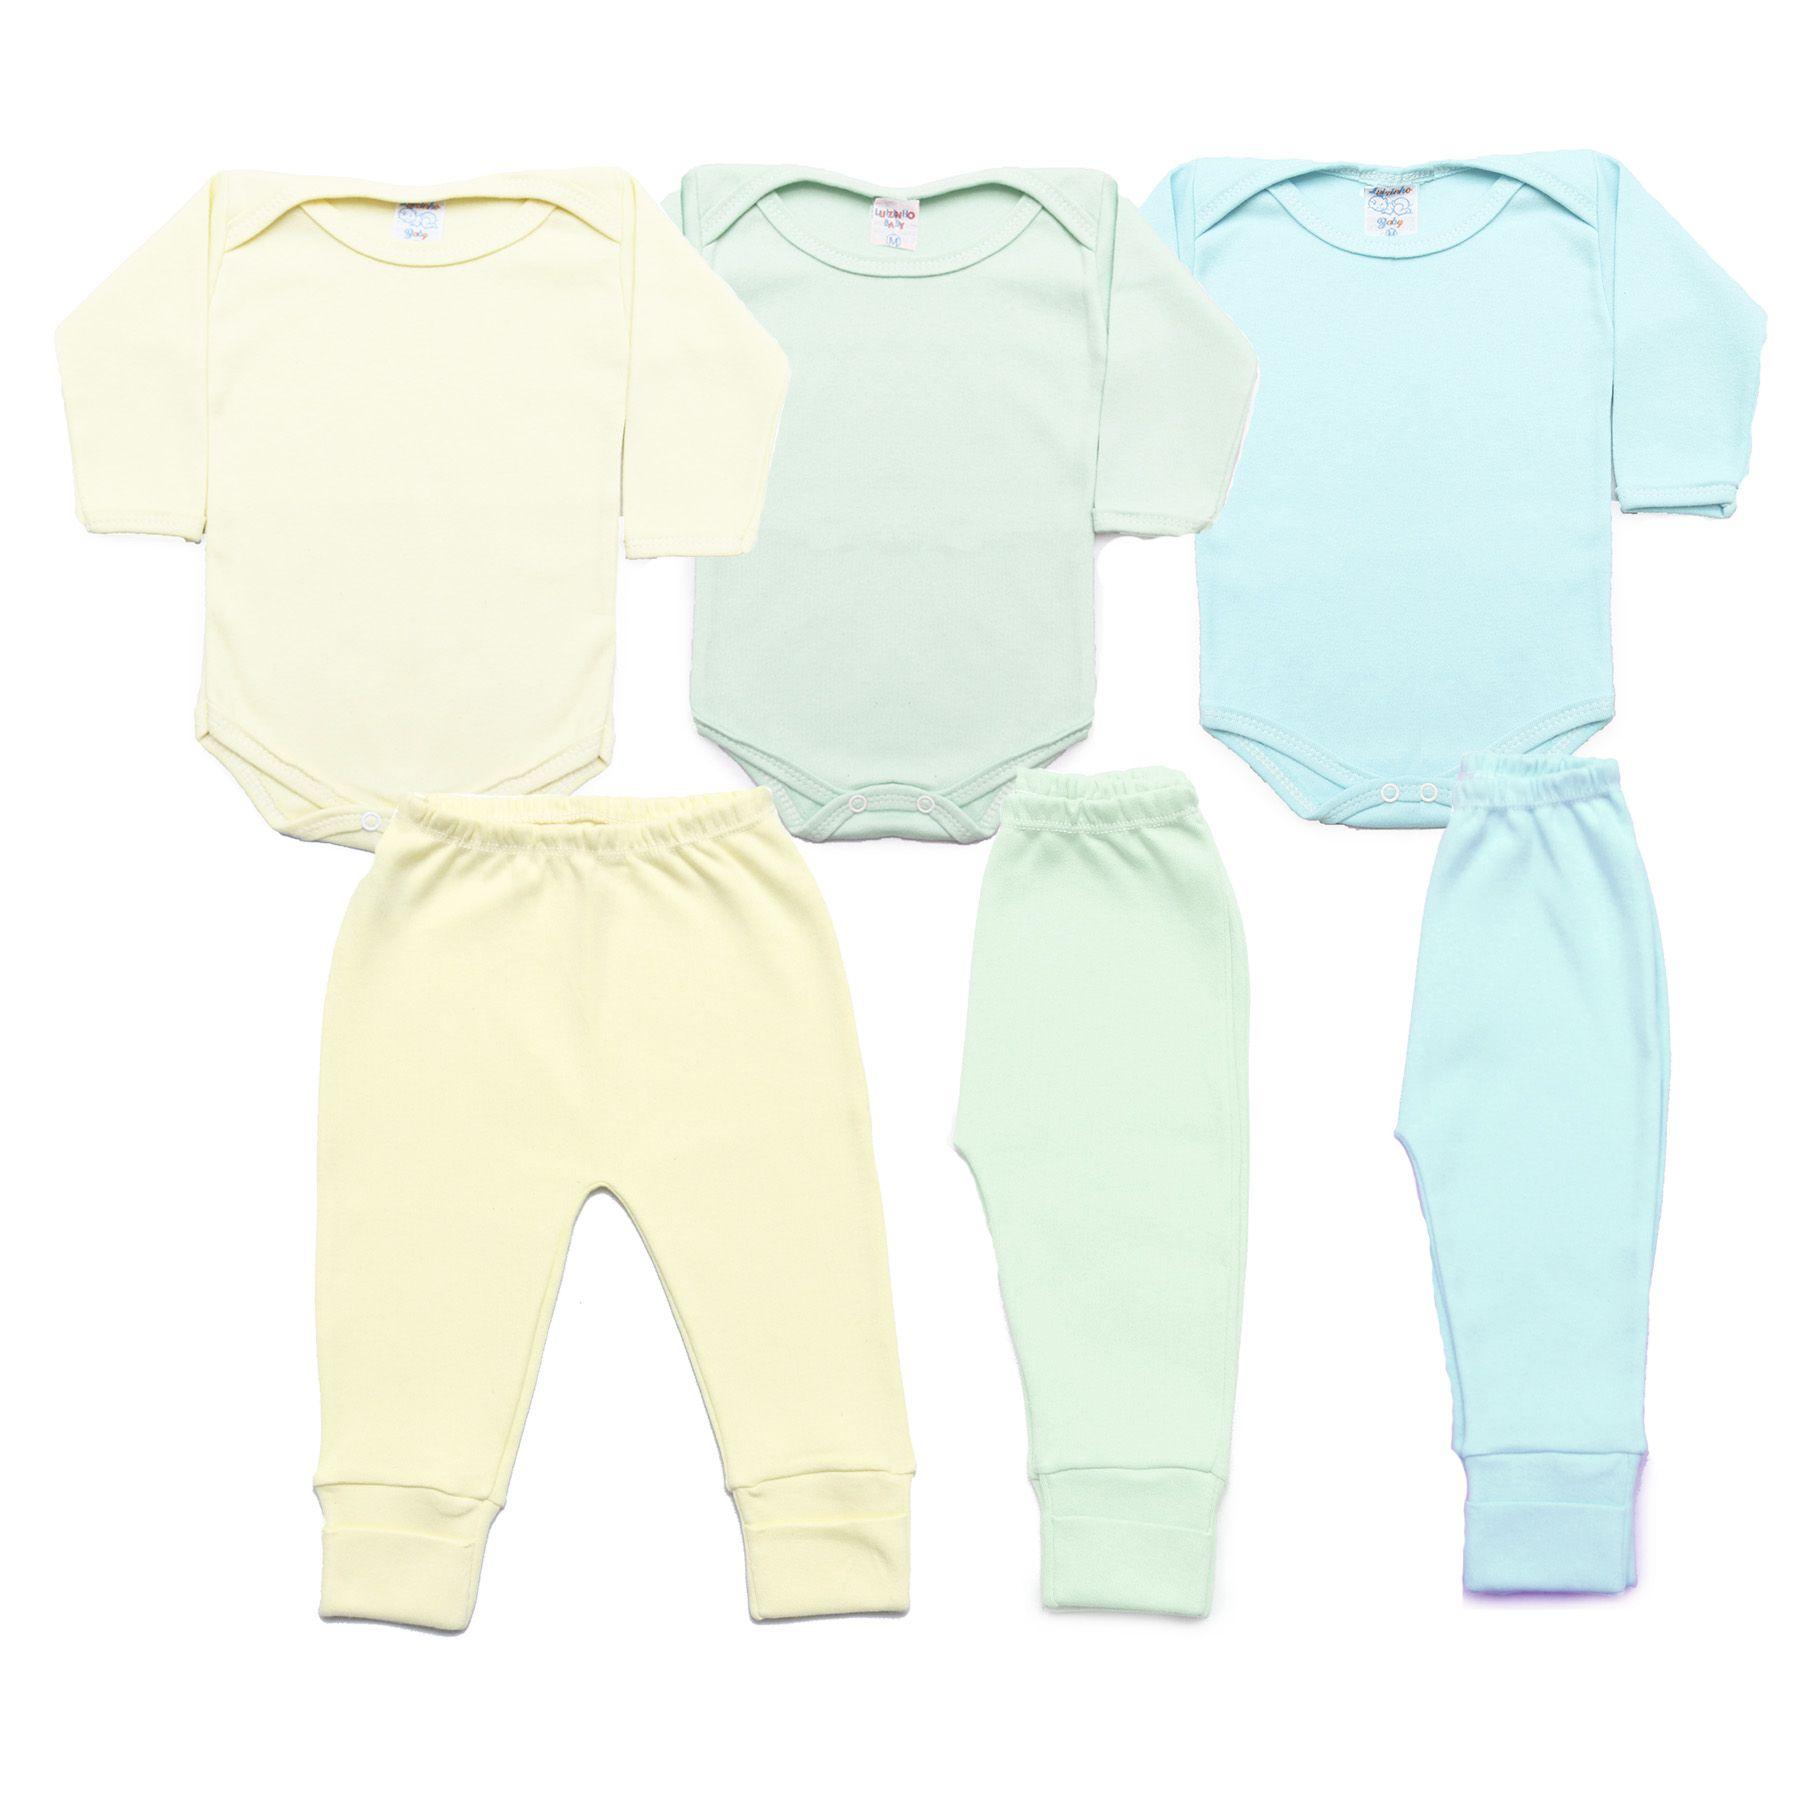 Kit Bebê com 6 Peças Menino Azul Claro, Verde Água e Amarelo Claro